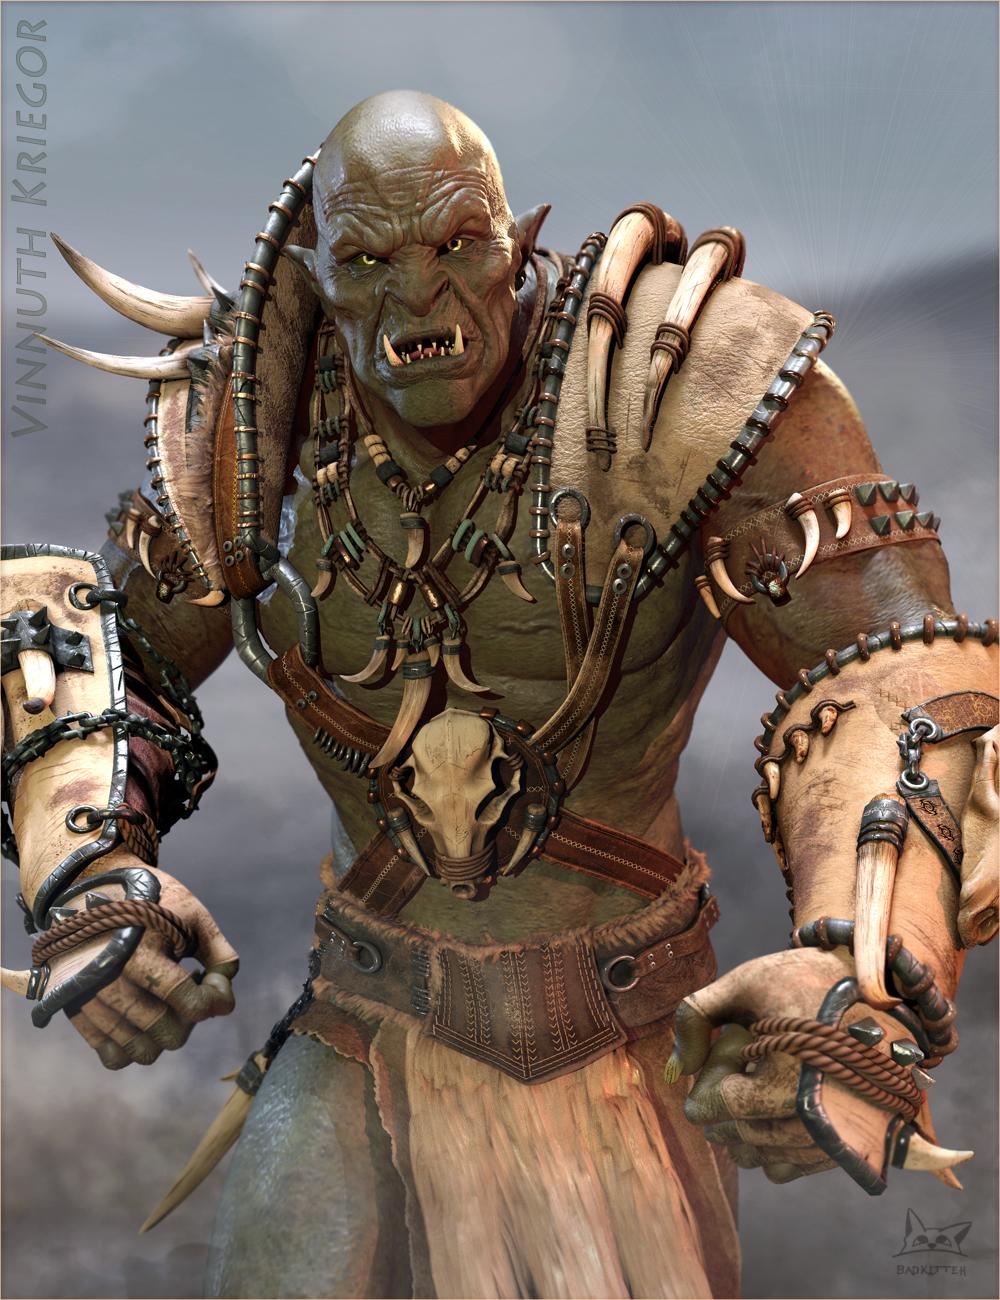 Vinnuth Kriegor Battle Mega Armor for Genesis 8 Male(s) by: BadKitteh Co, 3D Models by Daz 3D